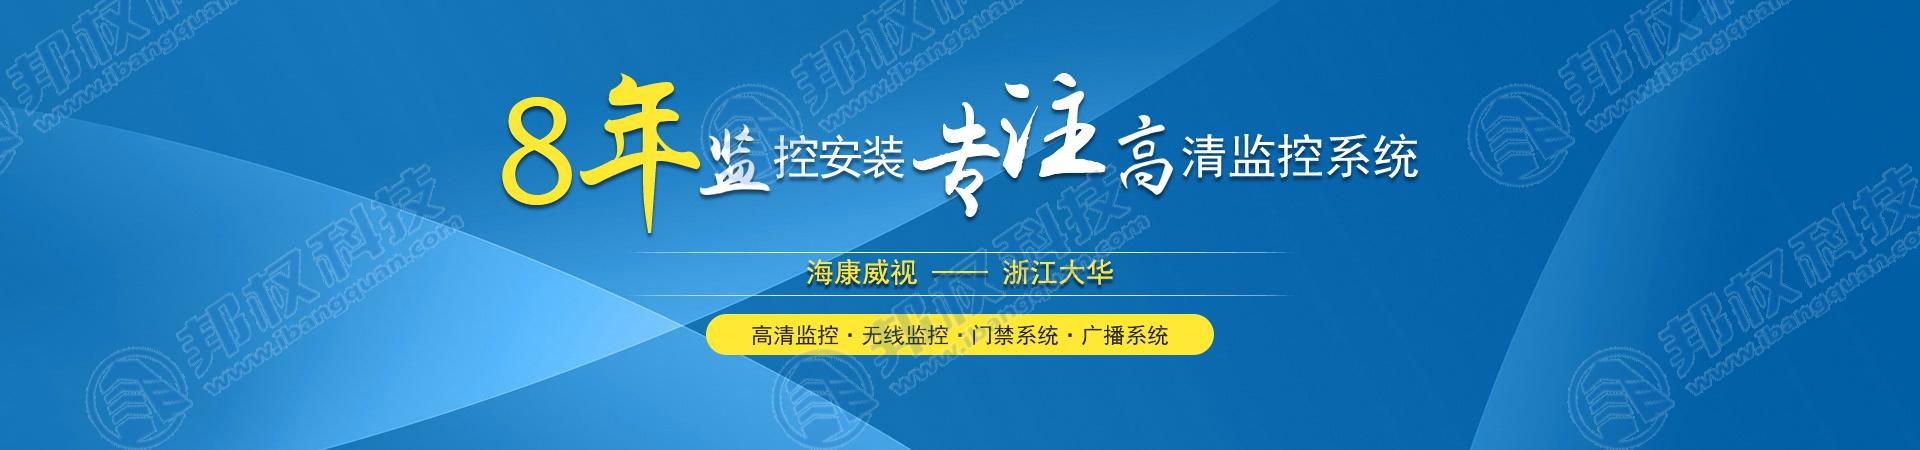 真空鍍膜加工,可達一站式設計生產電鍍及擁有高精密真空鍍膜設備